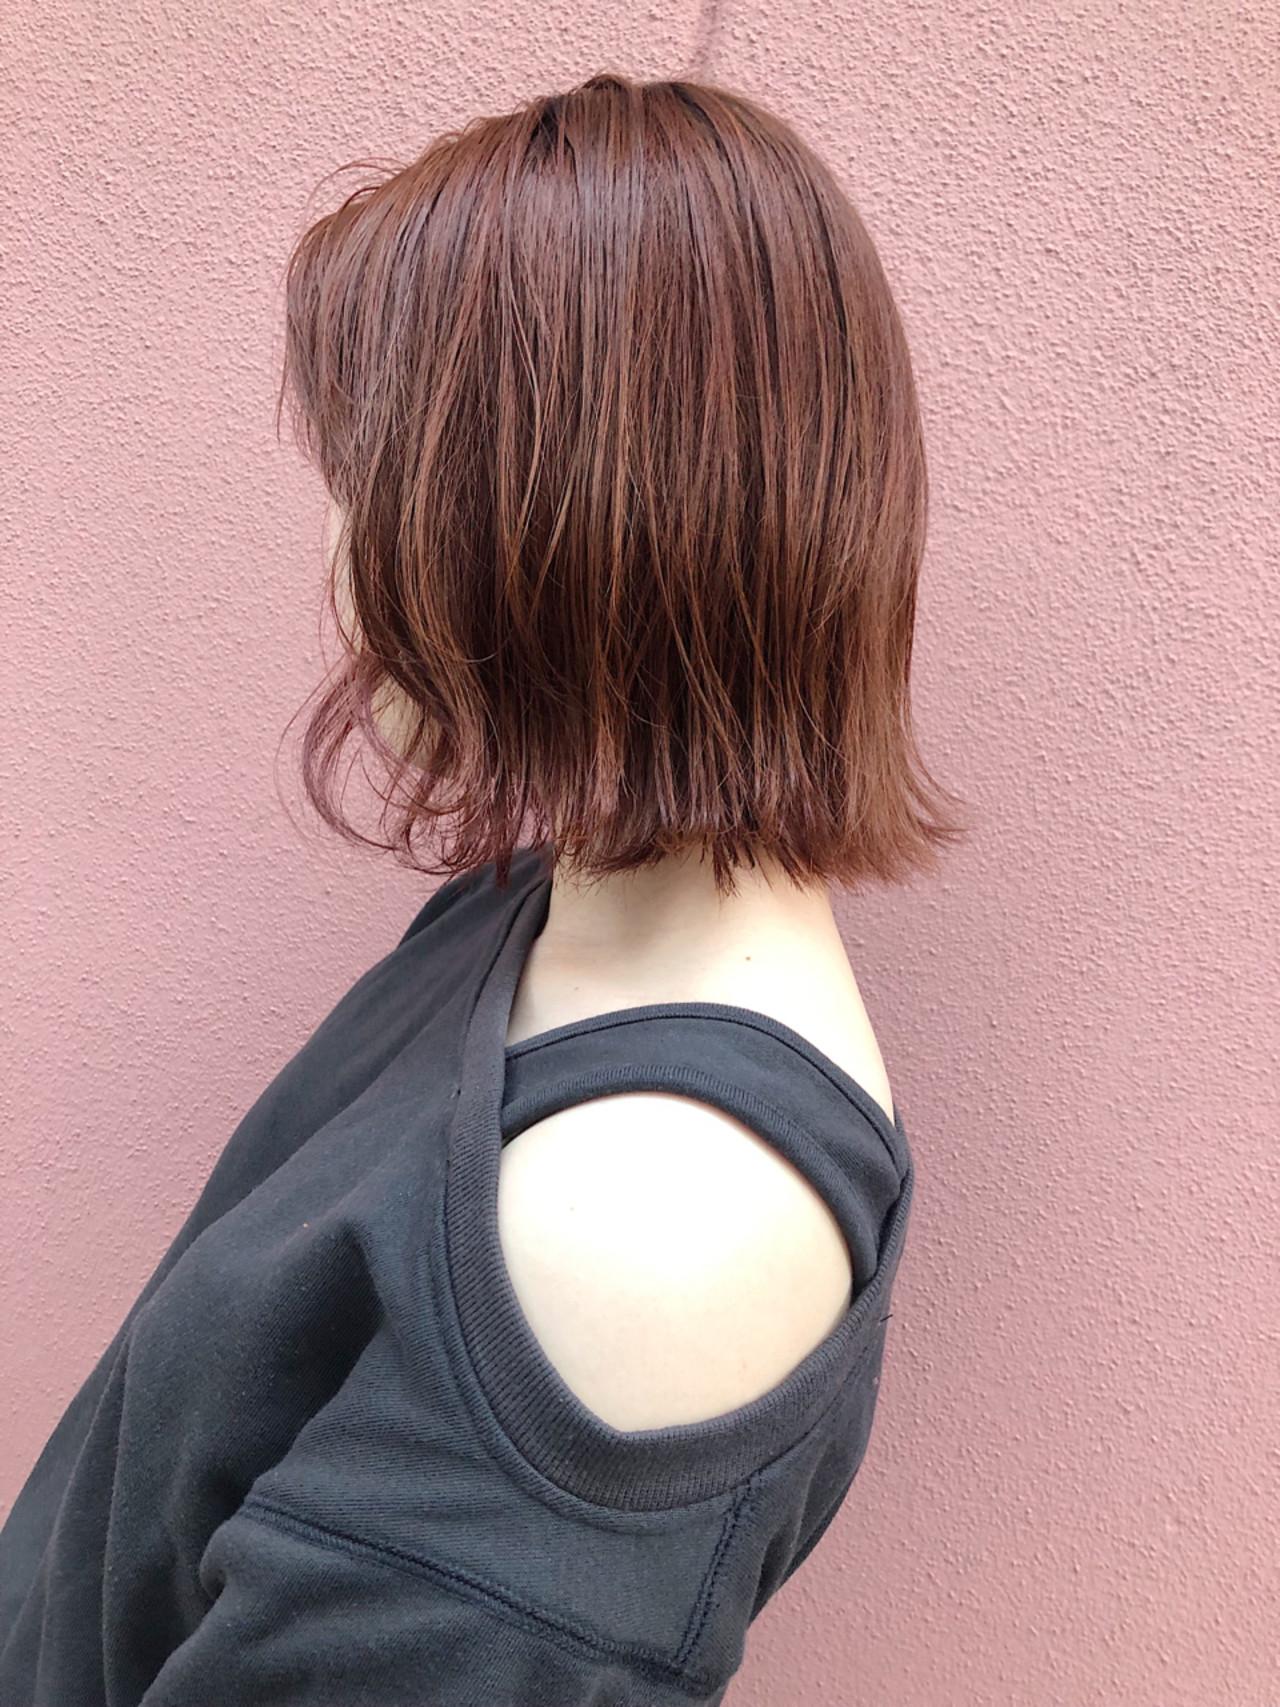 アンニュイほつれヘア ボブ 外ハネボブ オレンジベージュ ヘアスタイルや髪型の写真・画像   サカイアカネ / EMANON freelance